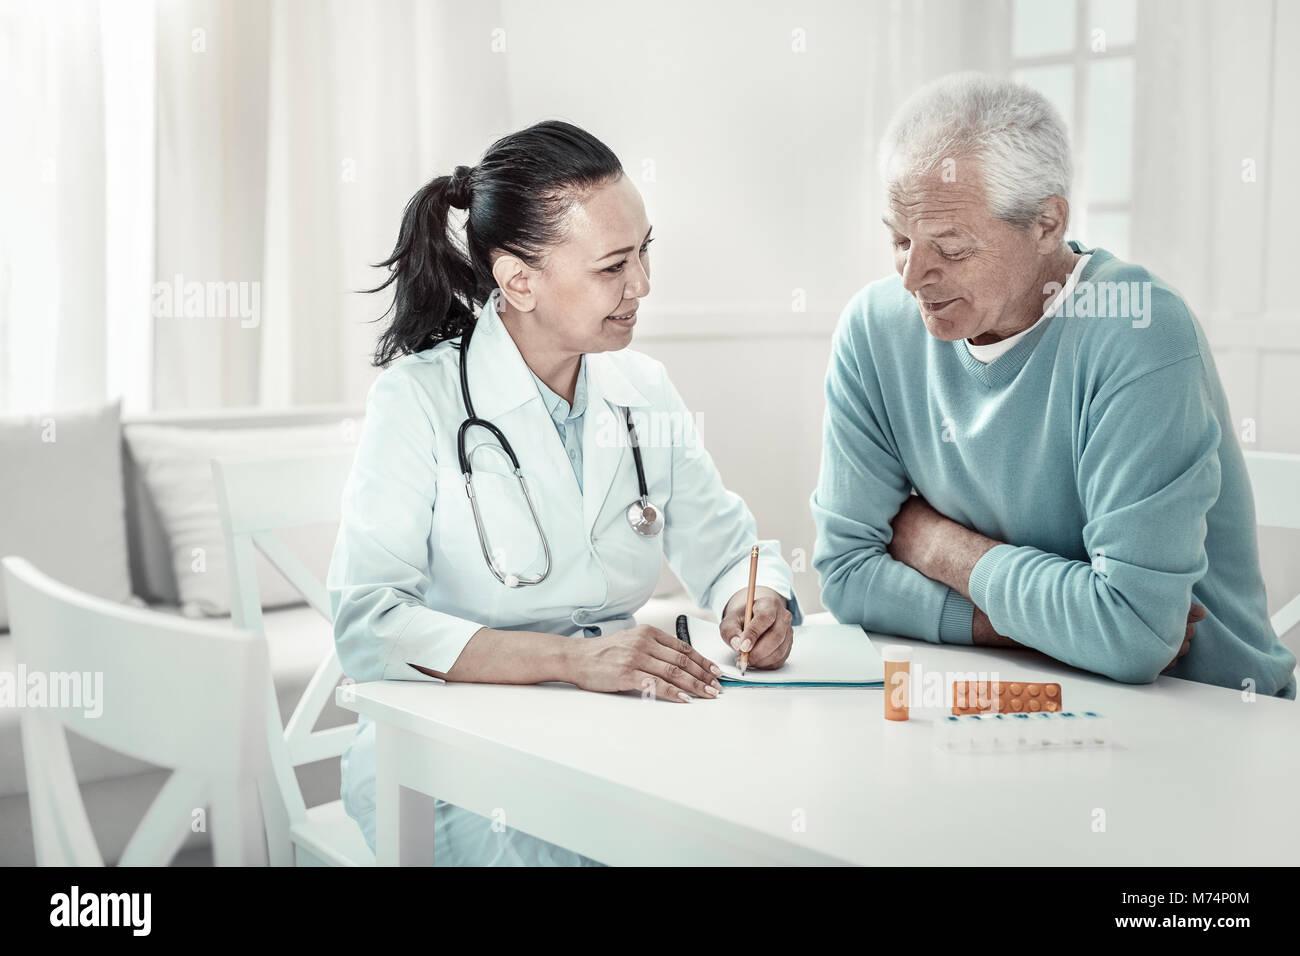 Molto piacevole infermiera fornendo consigli e scrittura. Immagini Stock